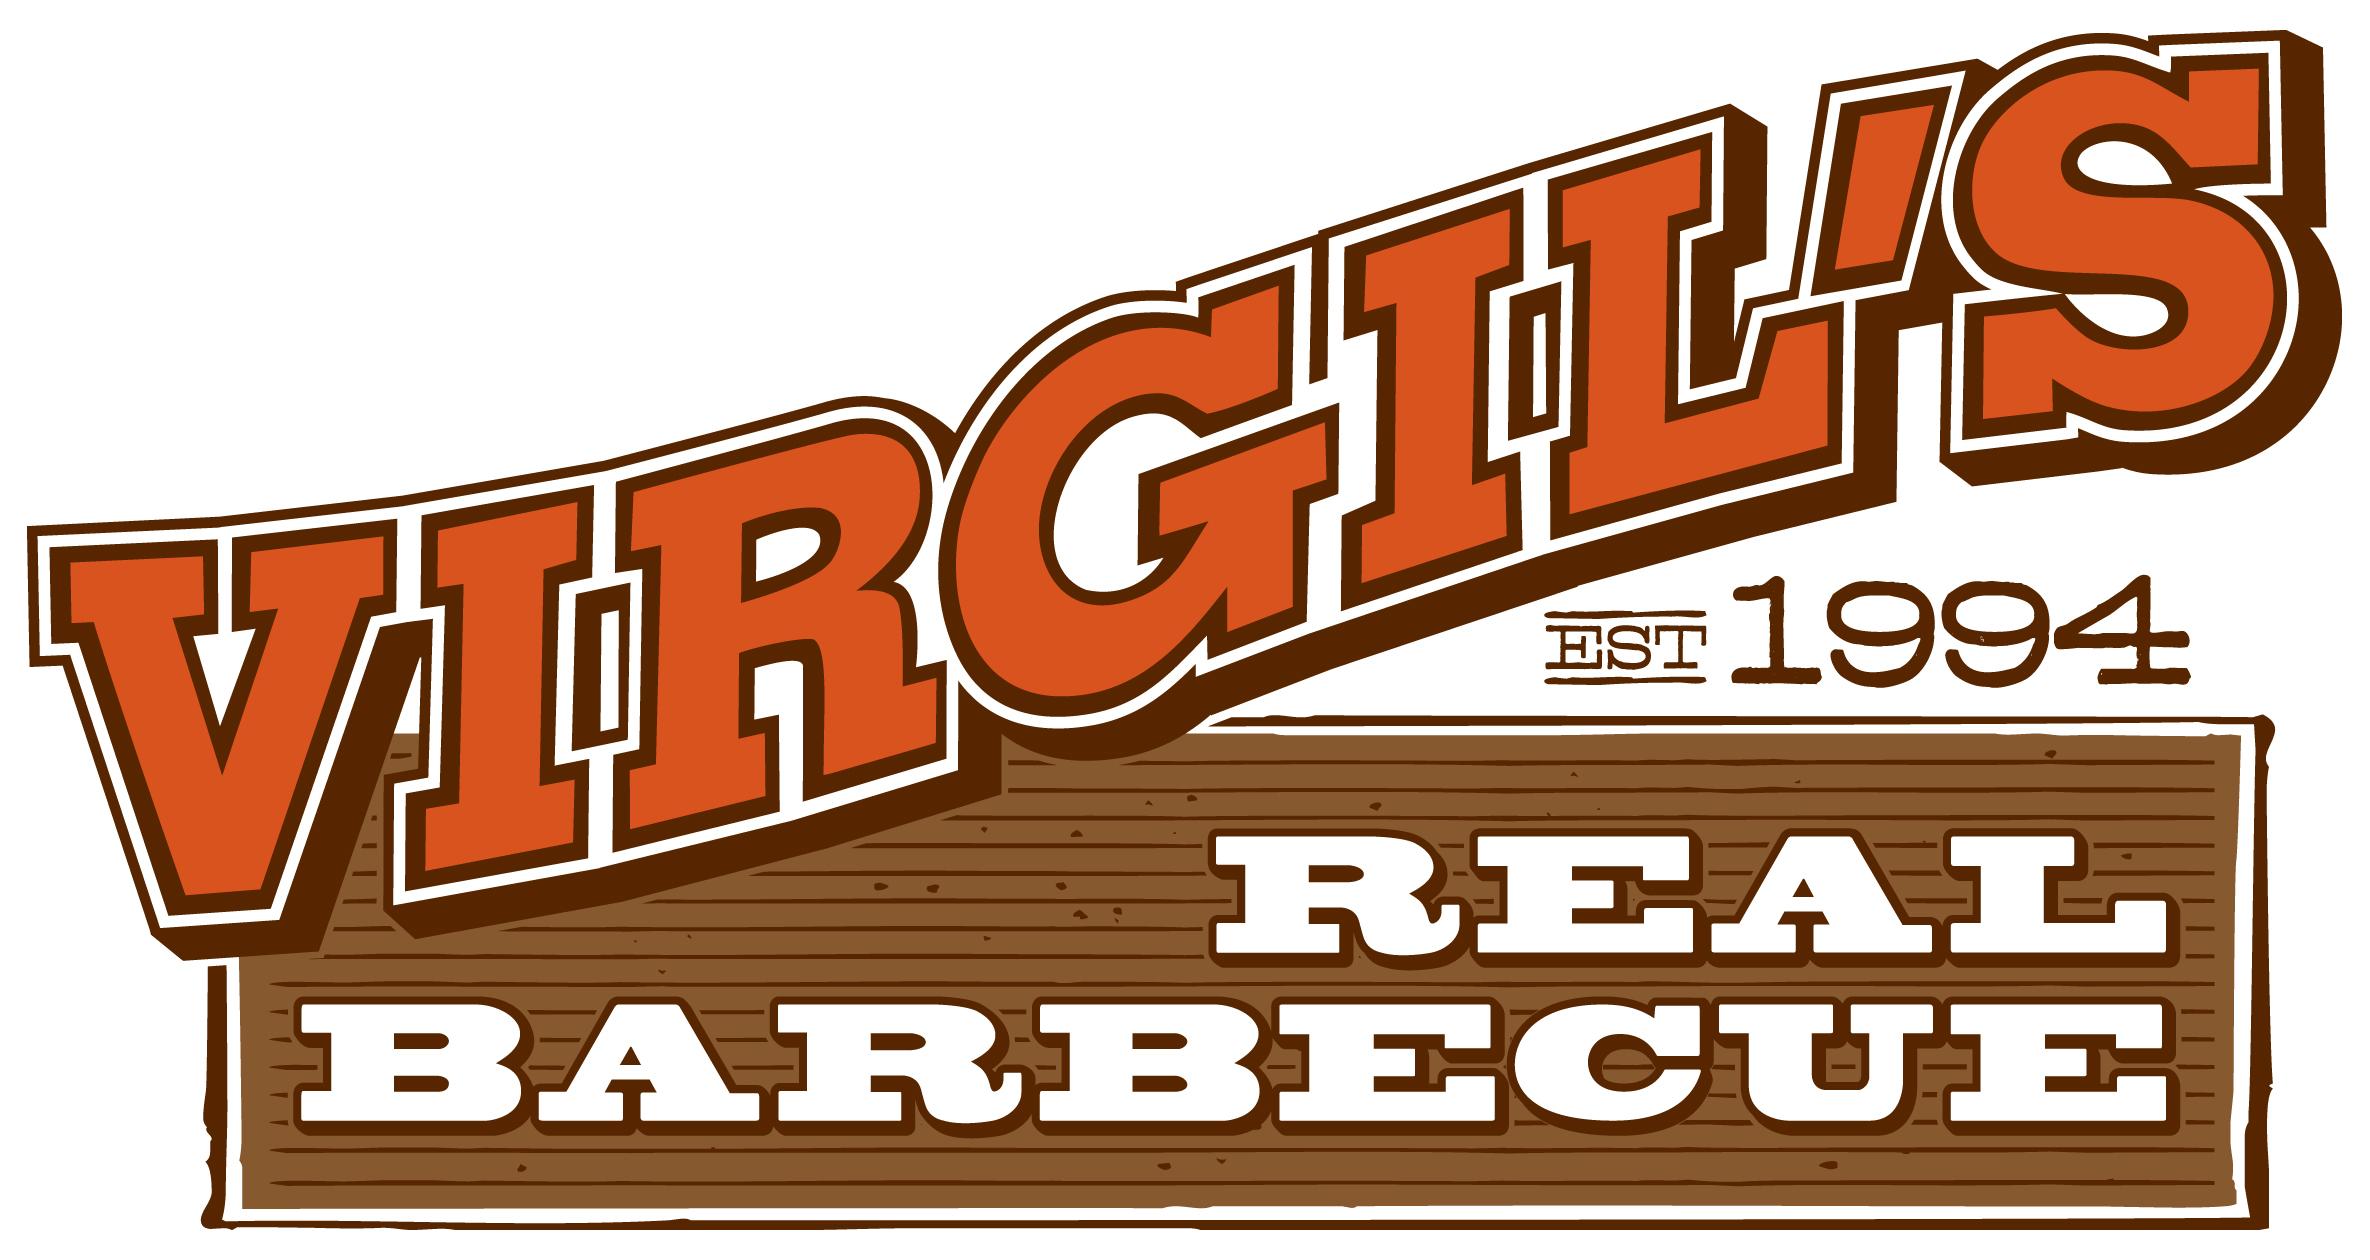 2011_virgils_logo.jpg